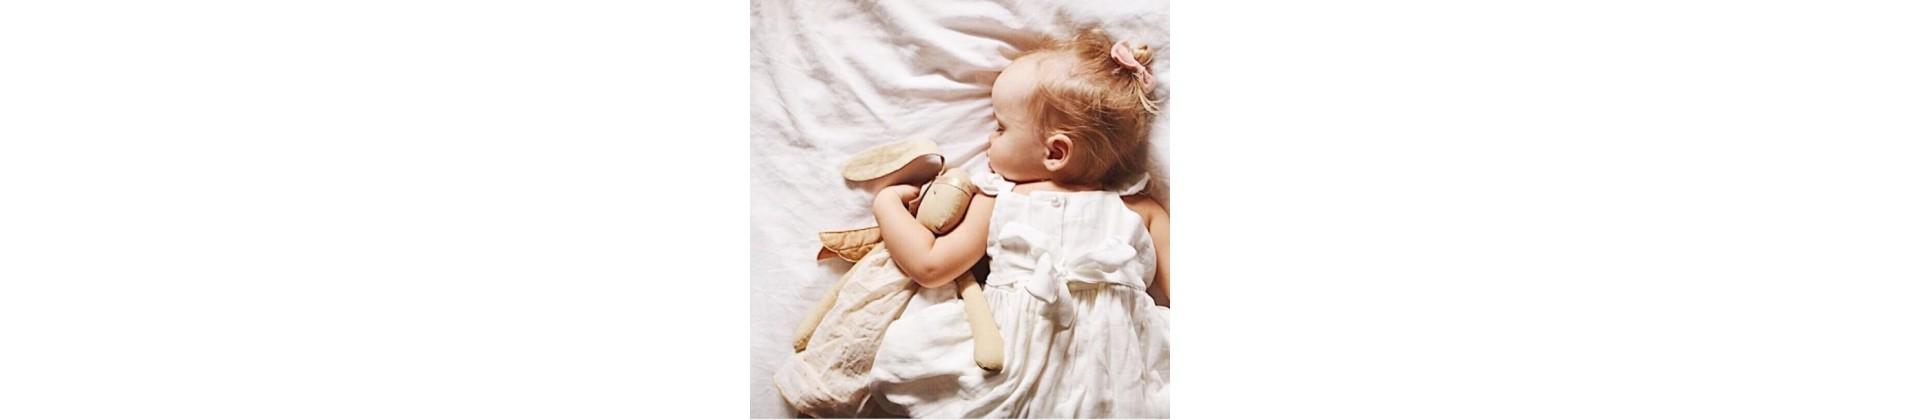 Cadeaux bébé fille - les meilleures idées cadeaux à offrir